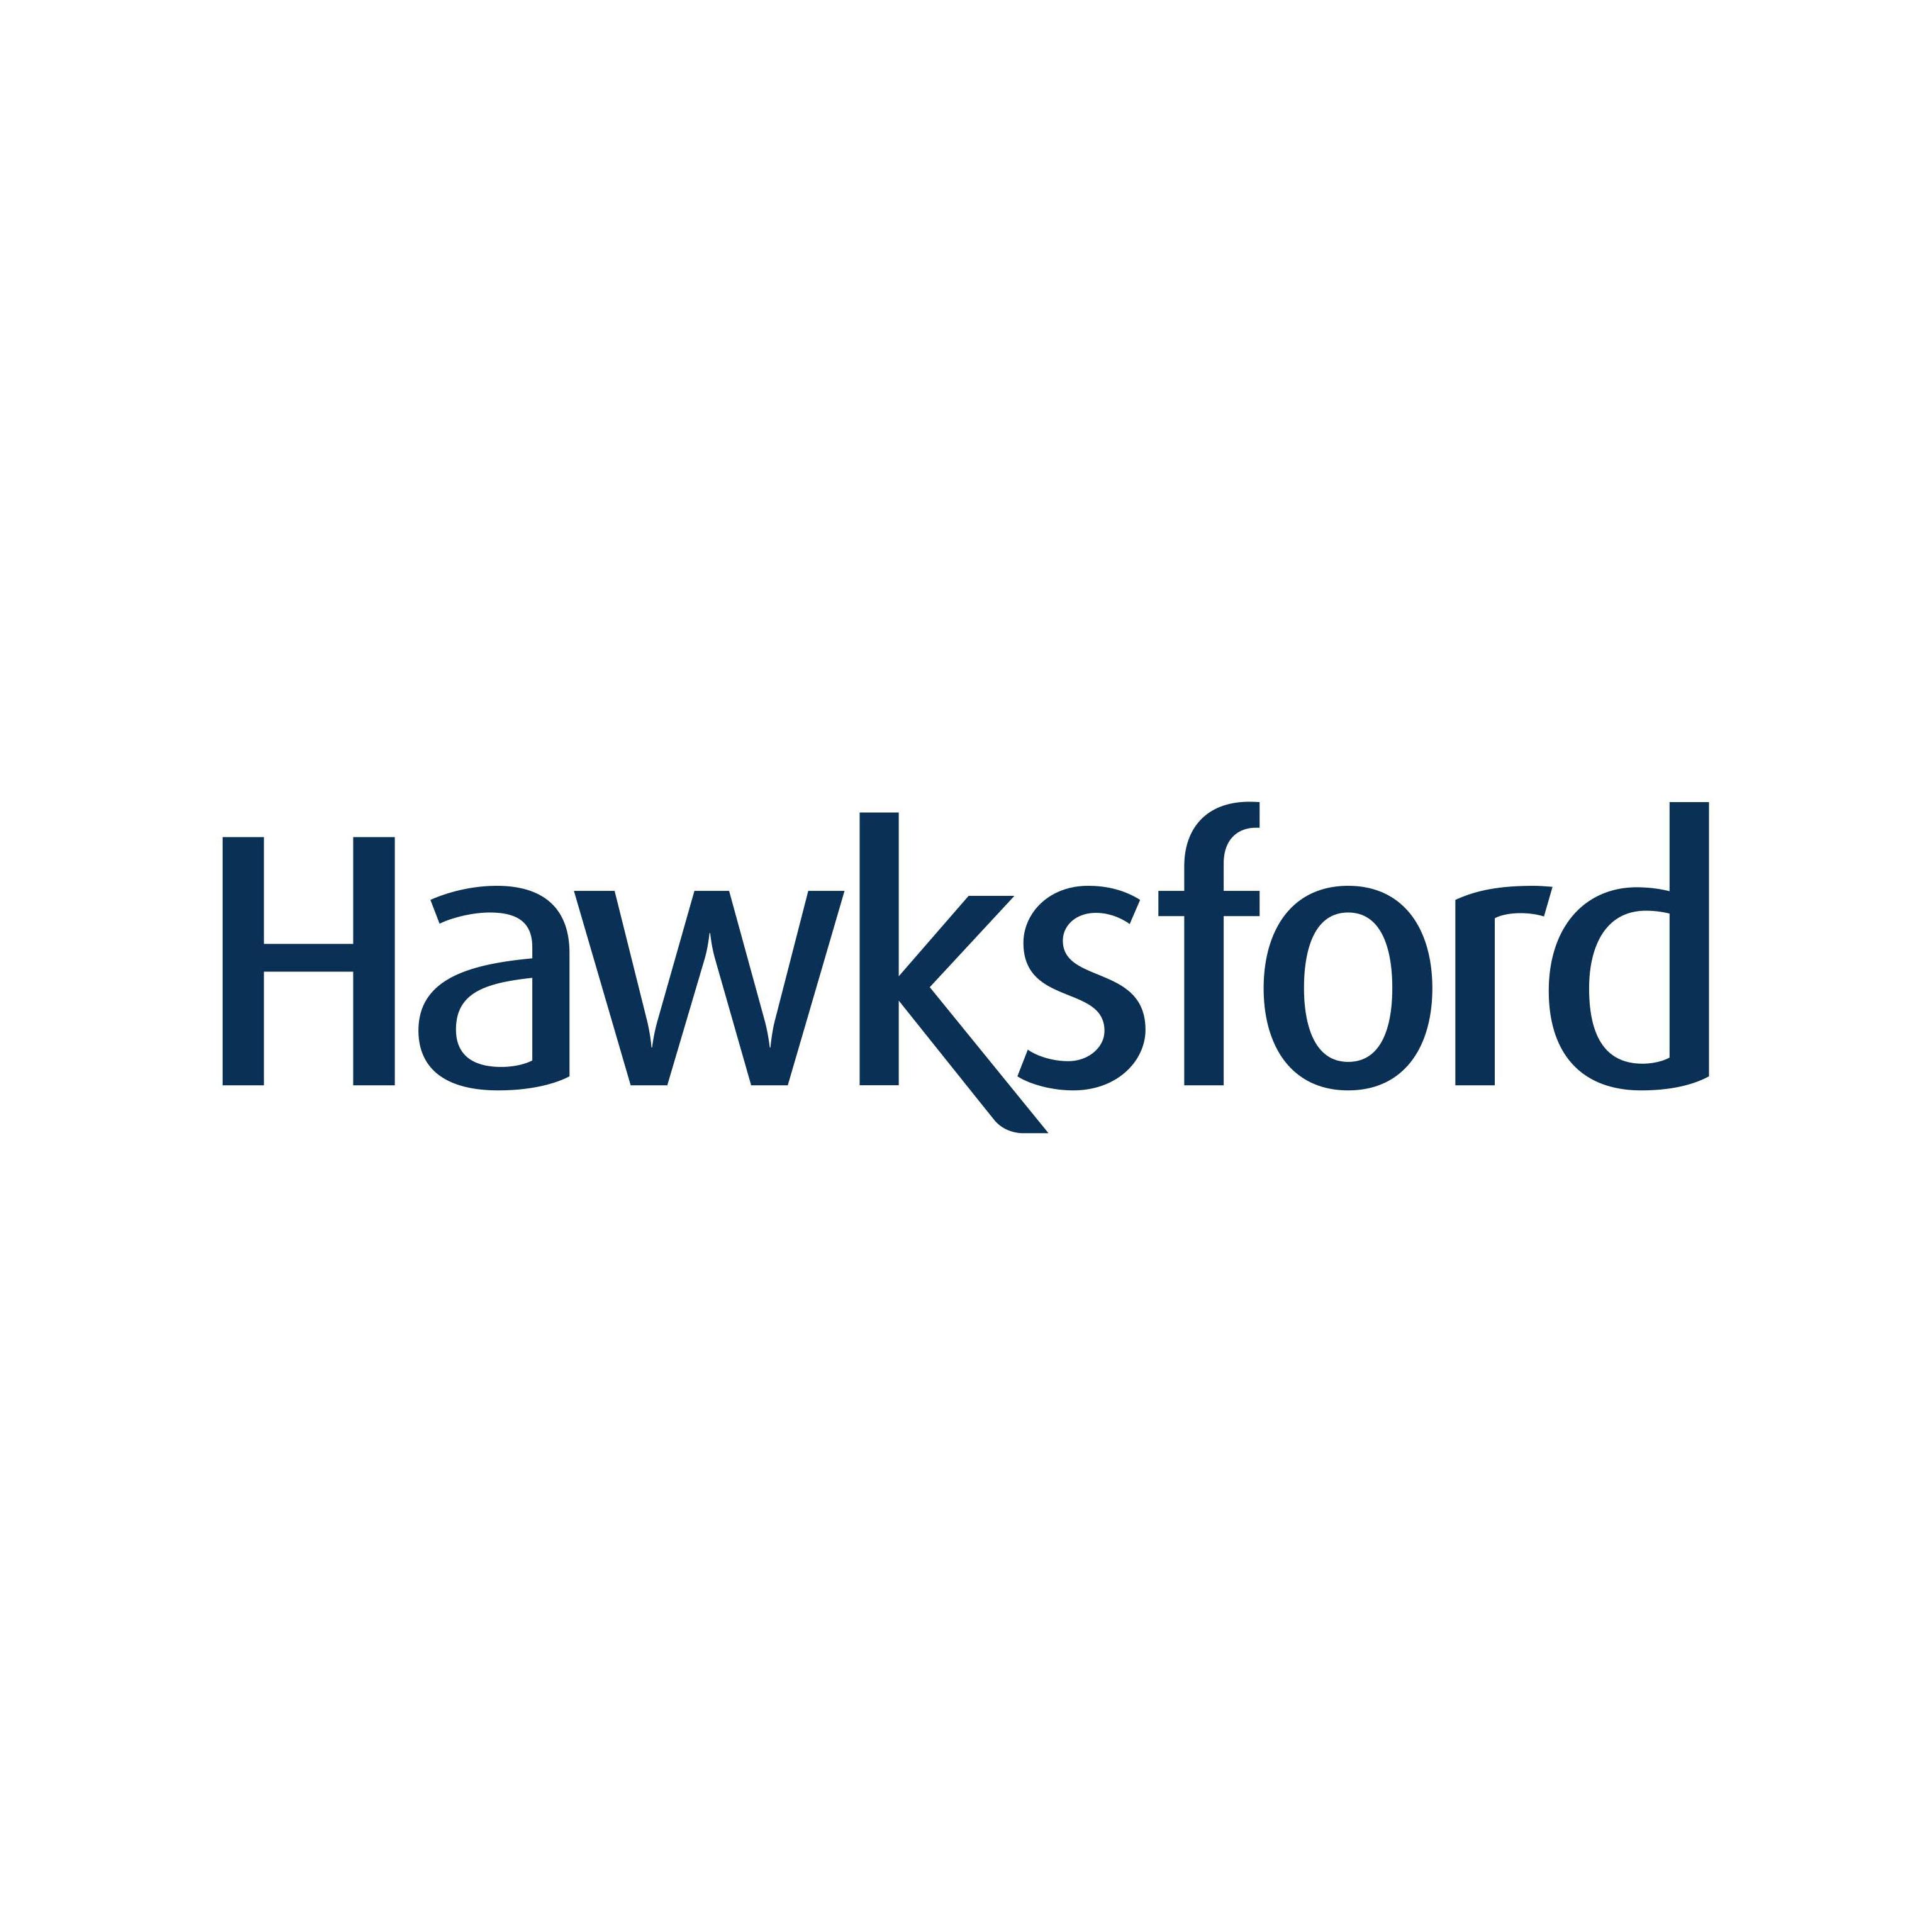 Hawksford_Logo